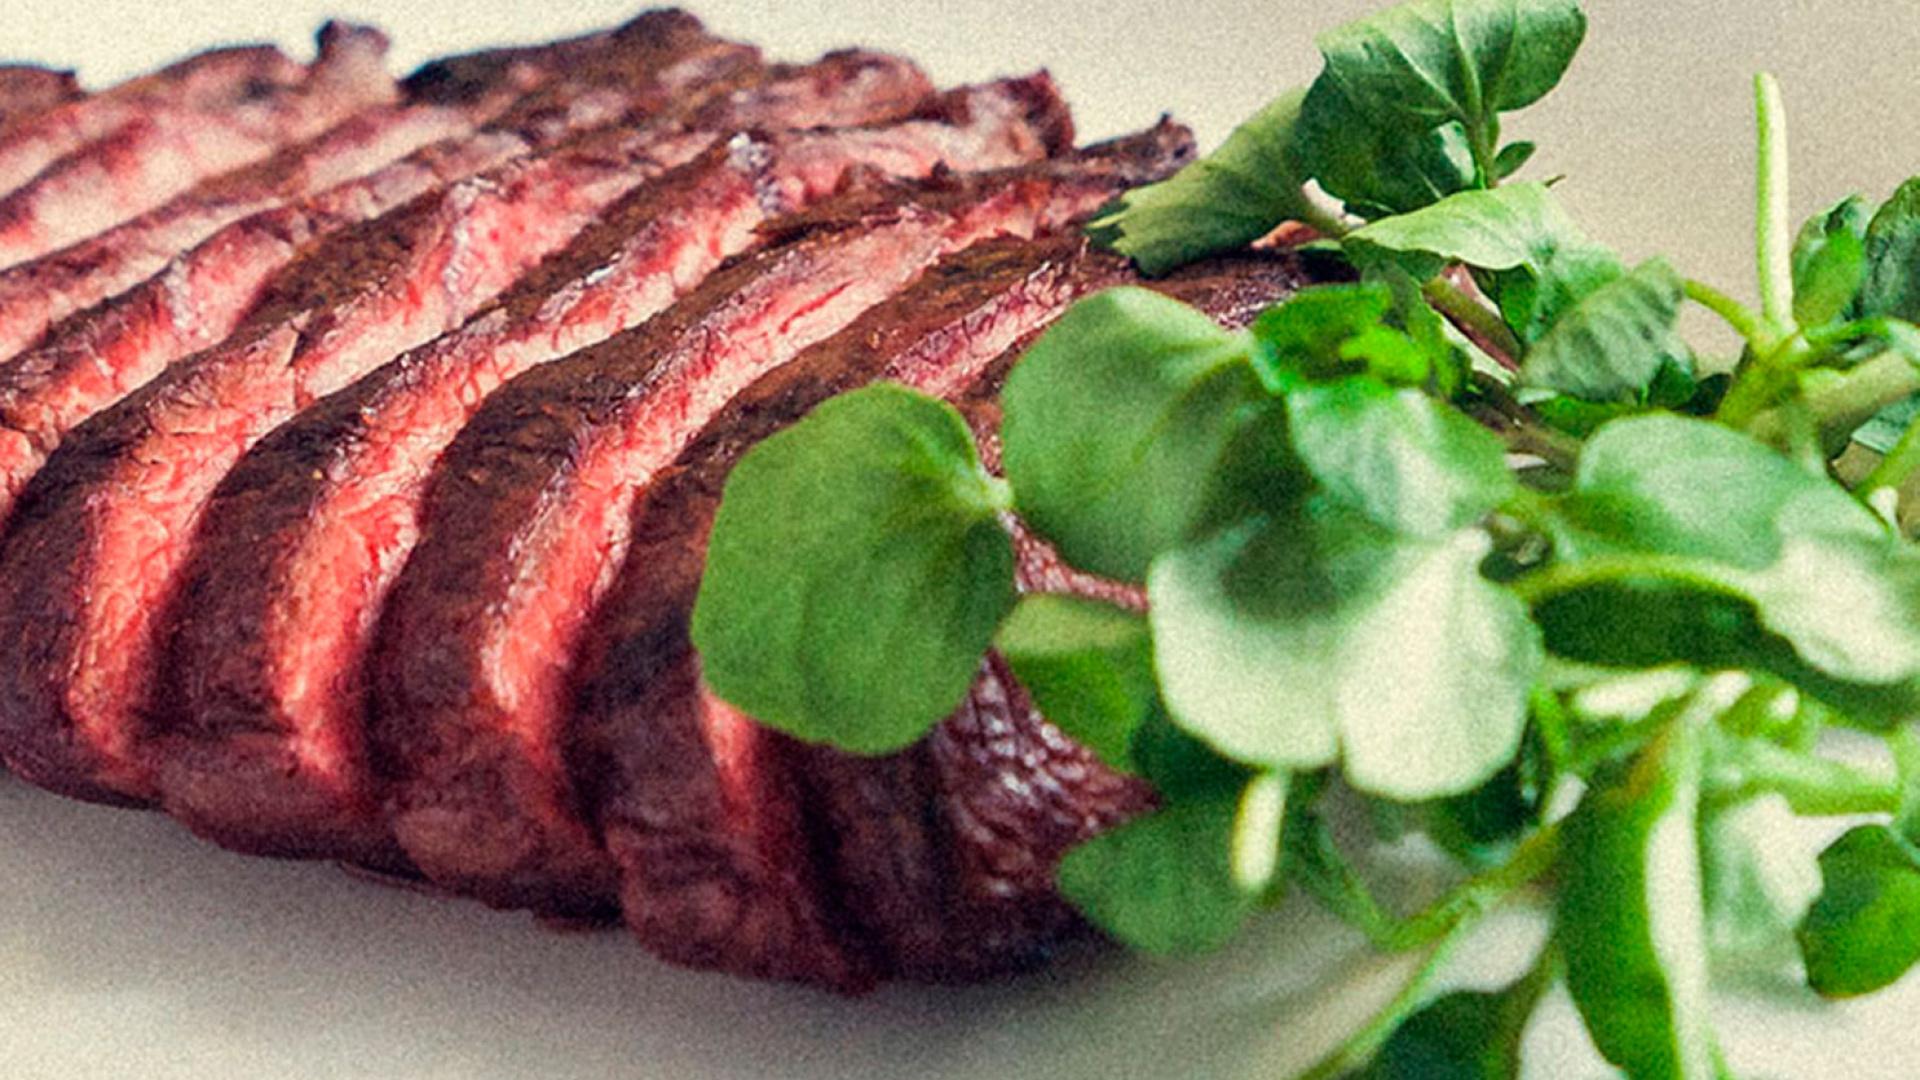 Steak at Foxlow Balham